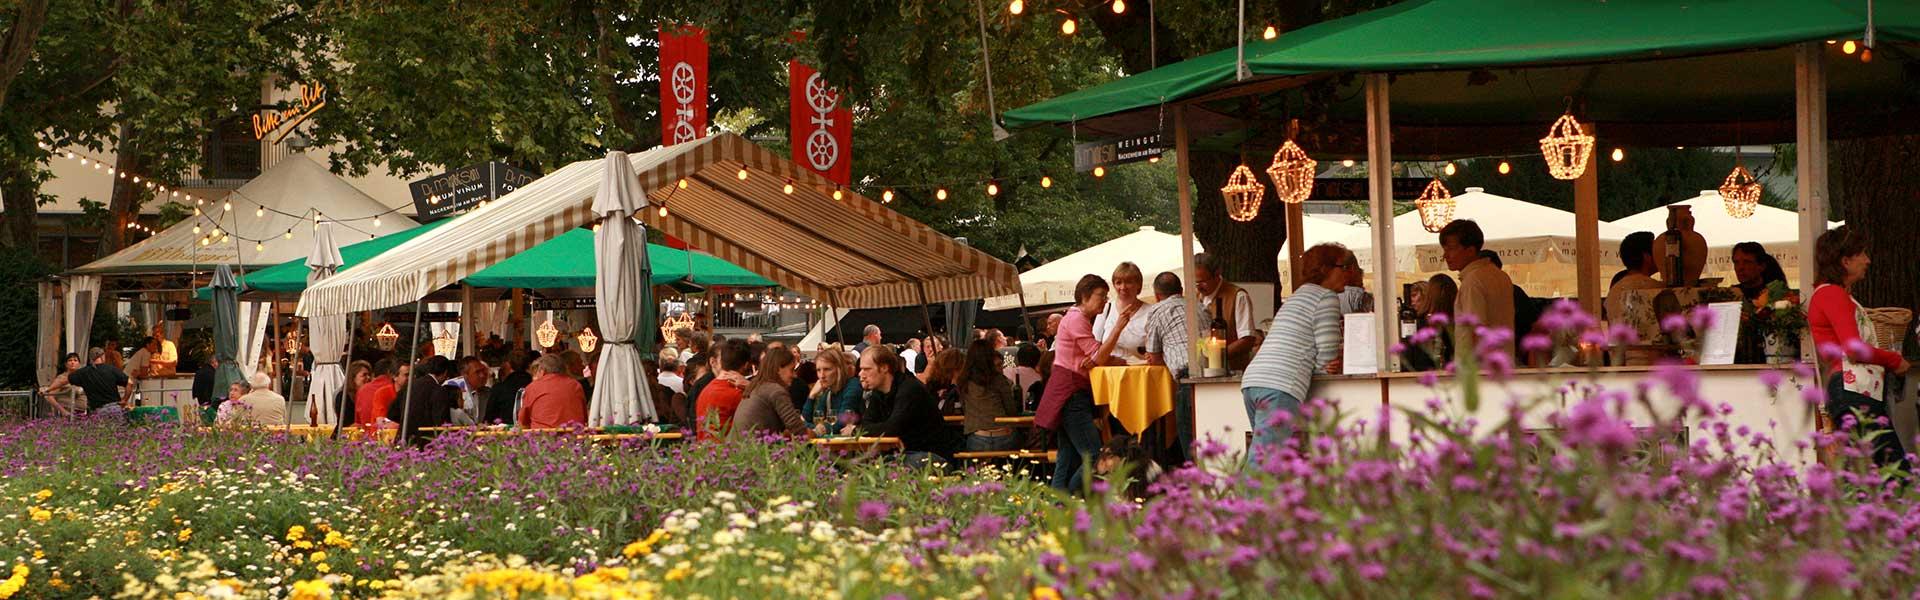 Romantische Weinidylle im Stadtpark